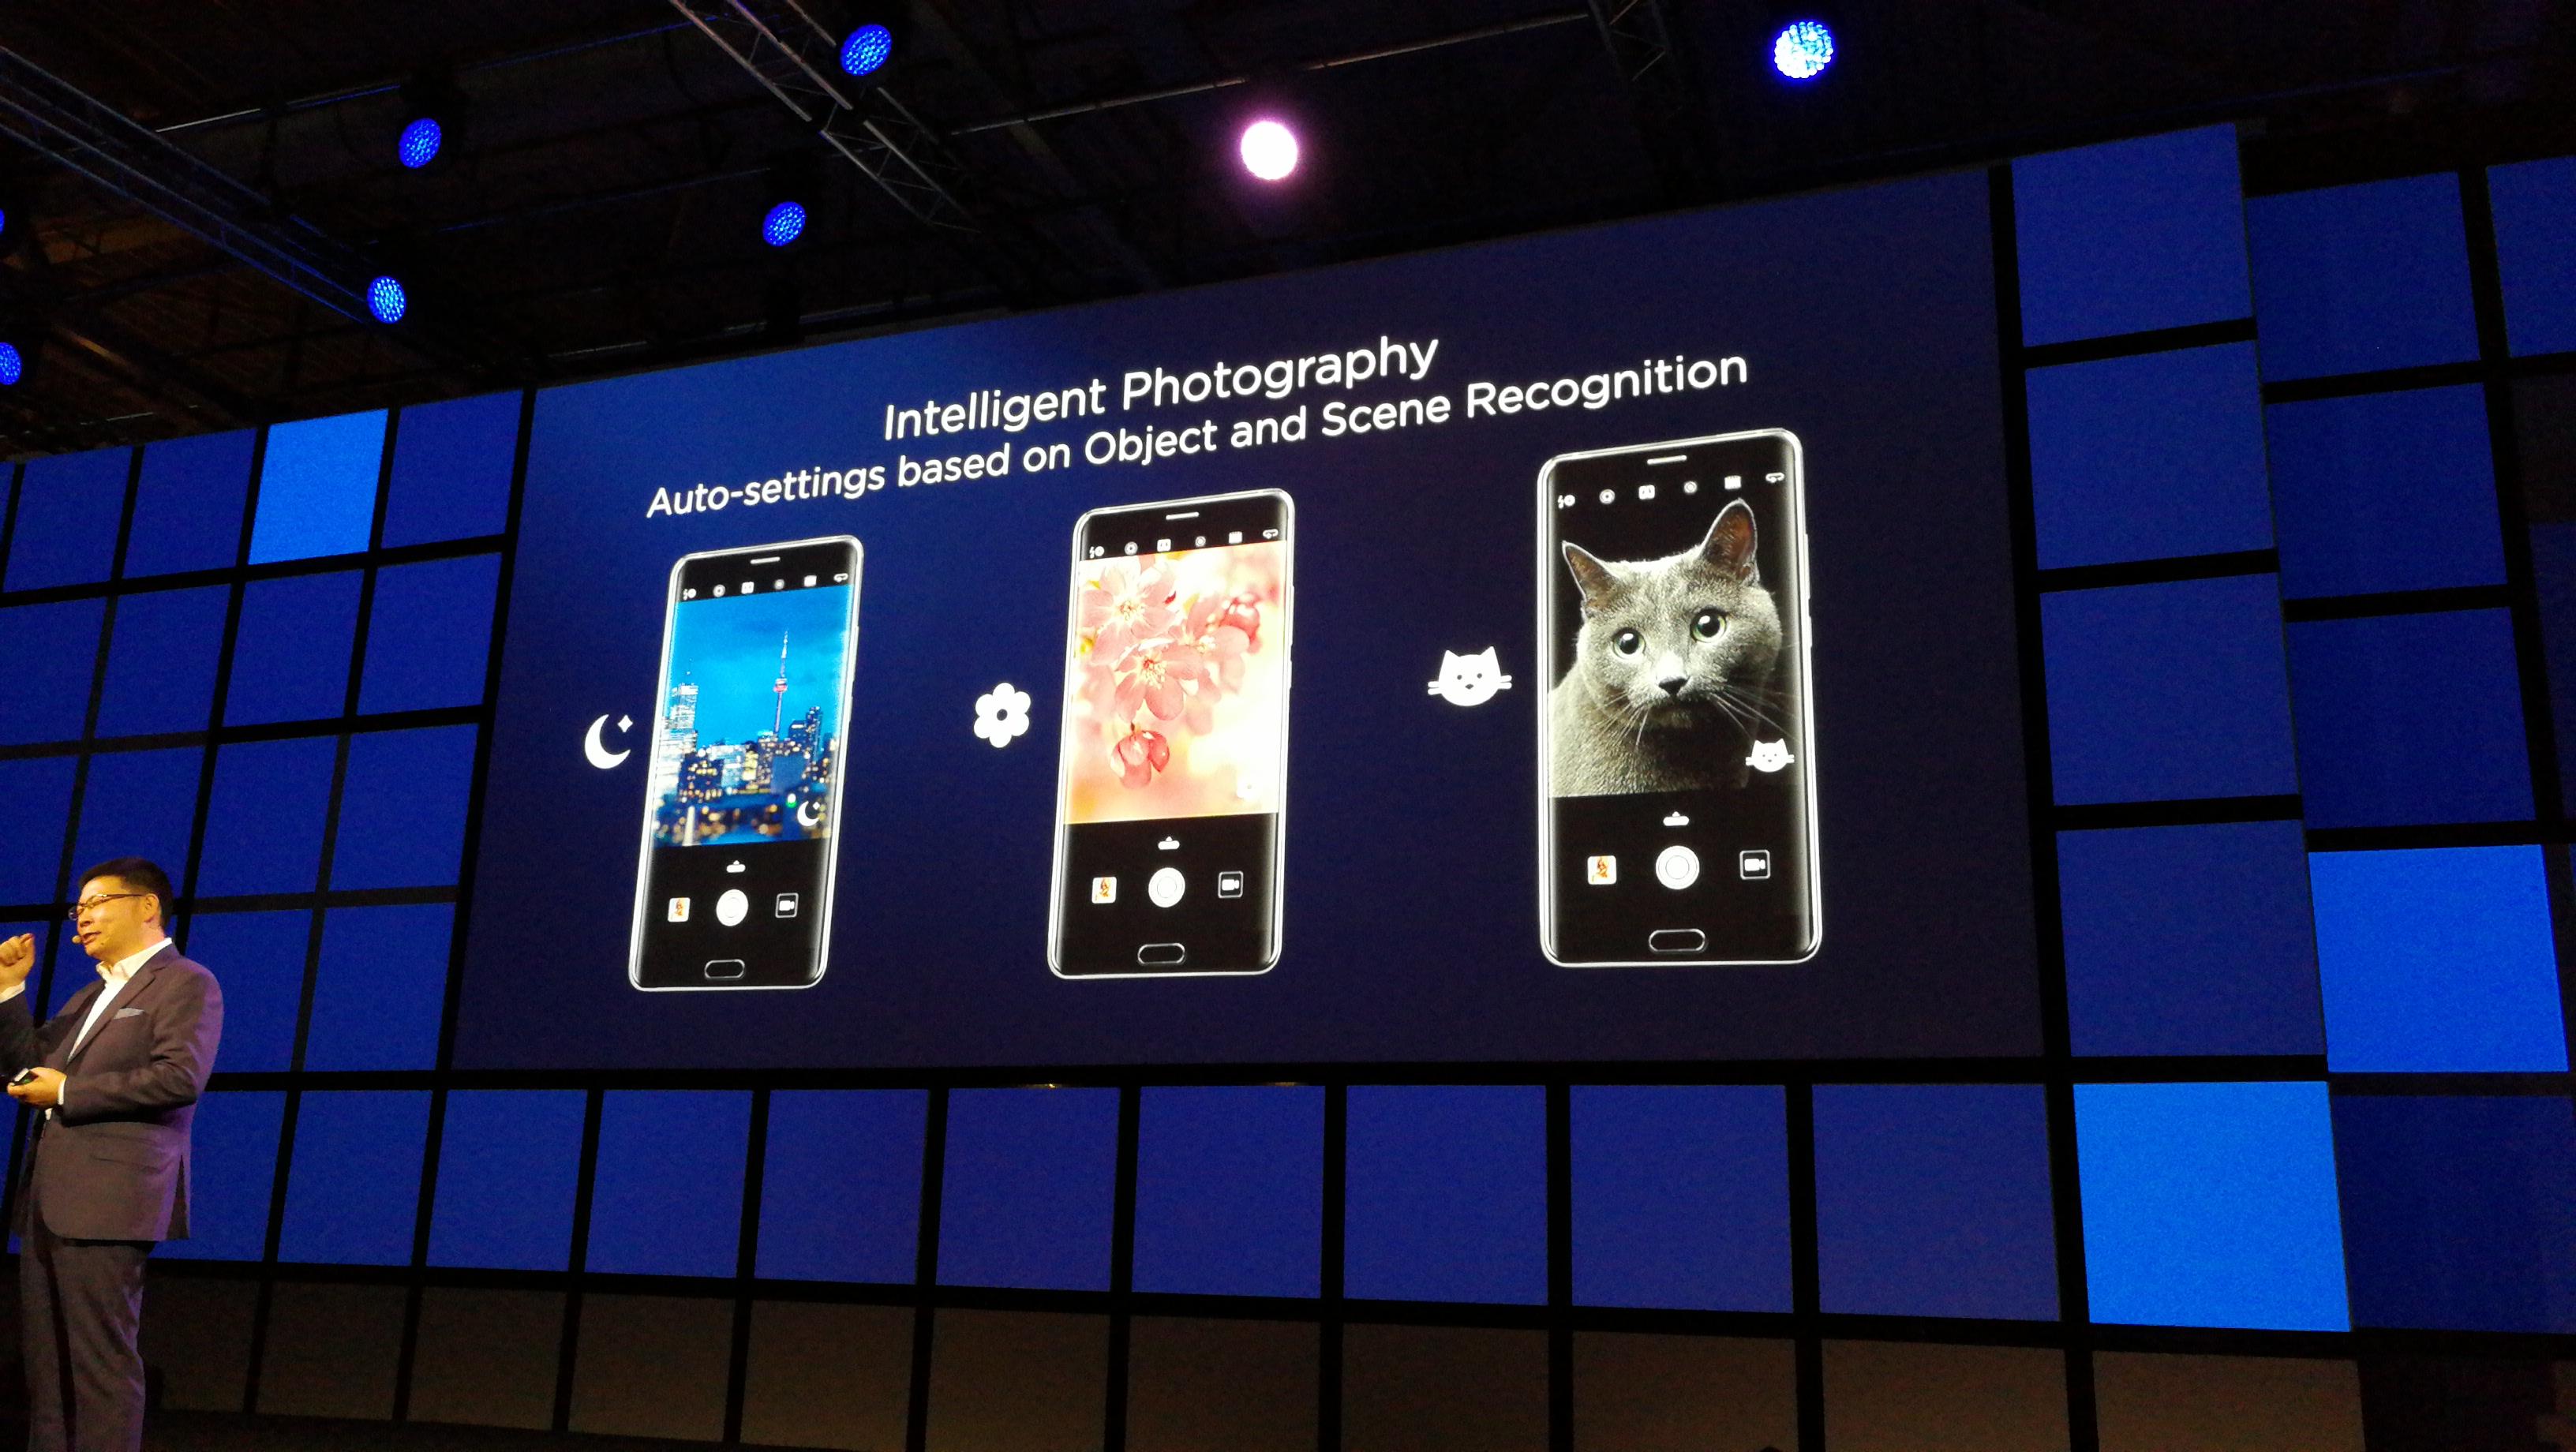 Totul despre smartphone-urile Mate 10 şi Mate 10 Pro